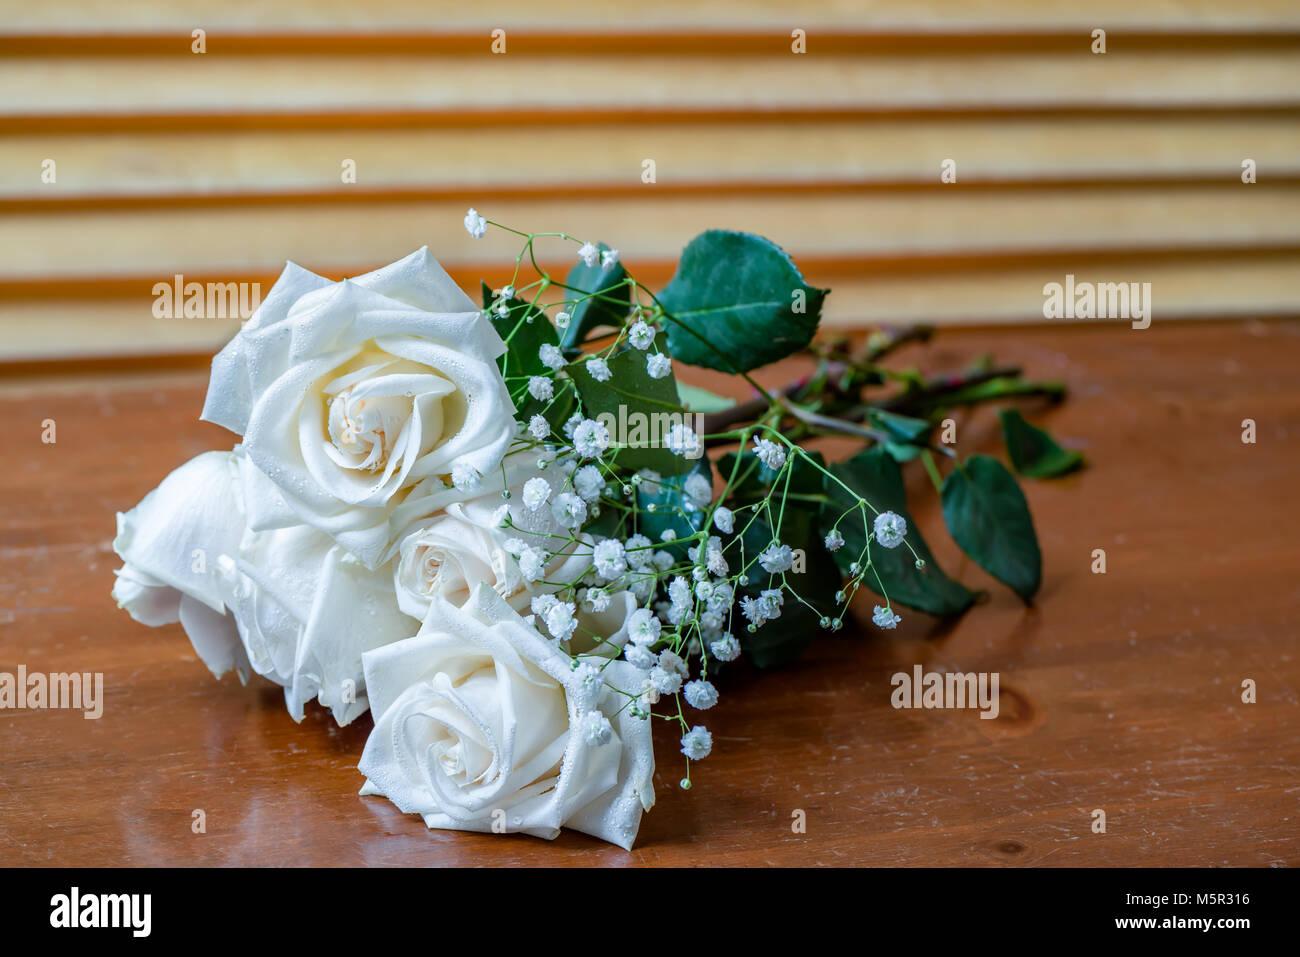 La pianta un bouquet di rose bianche con foglie verdi e for Fiori piccoli bianchi